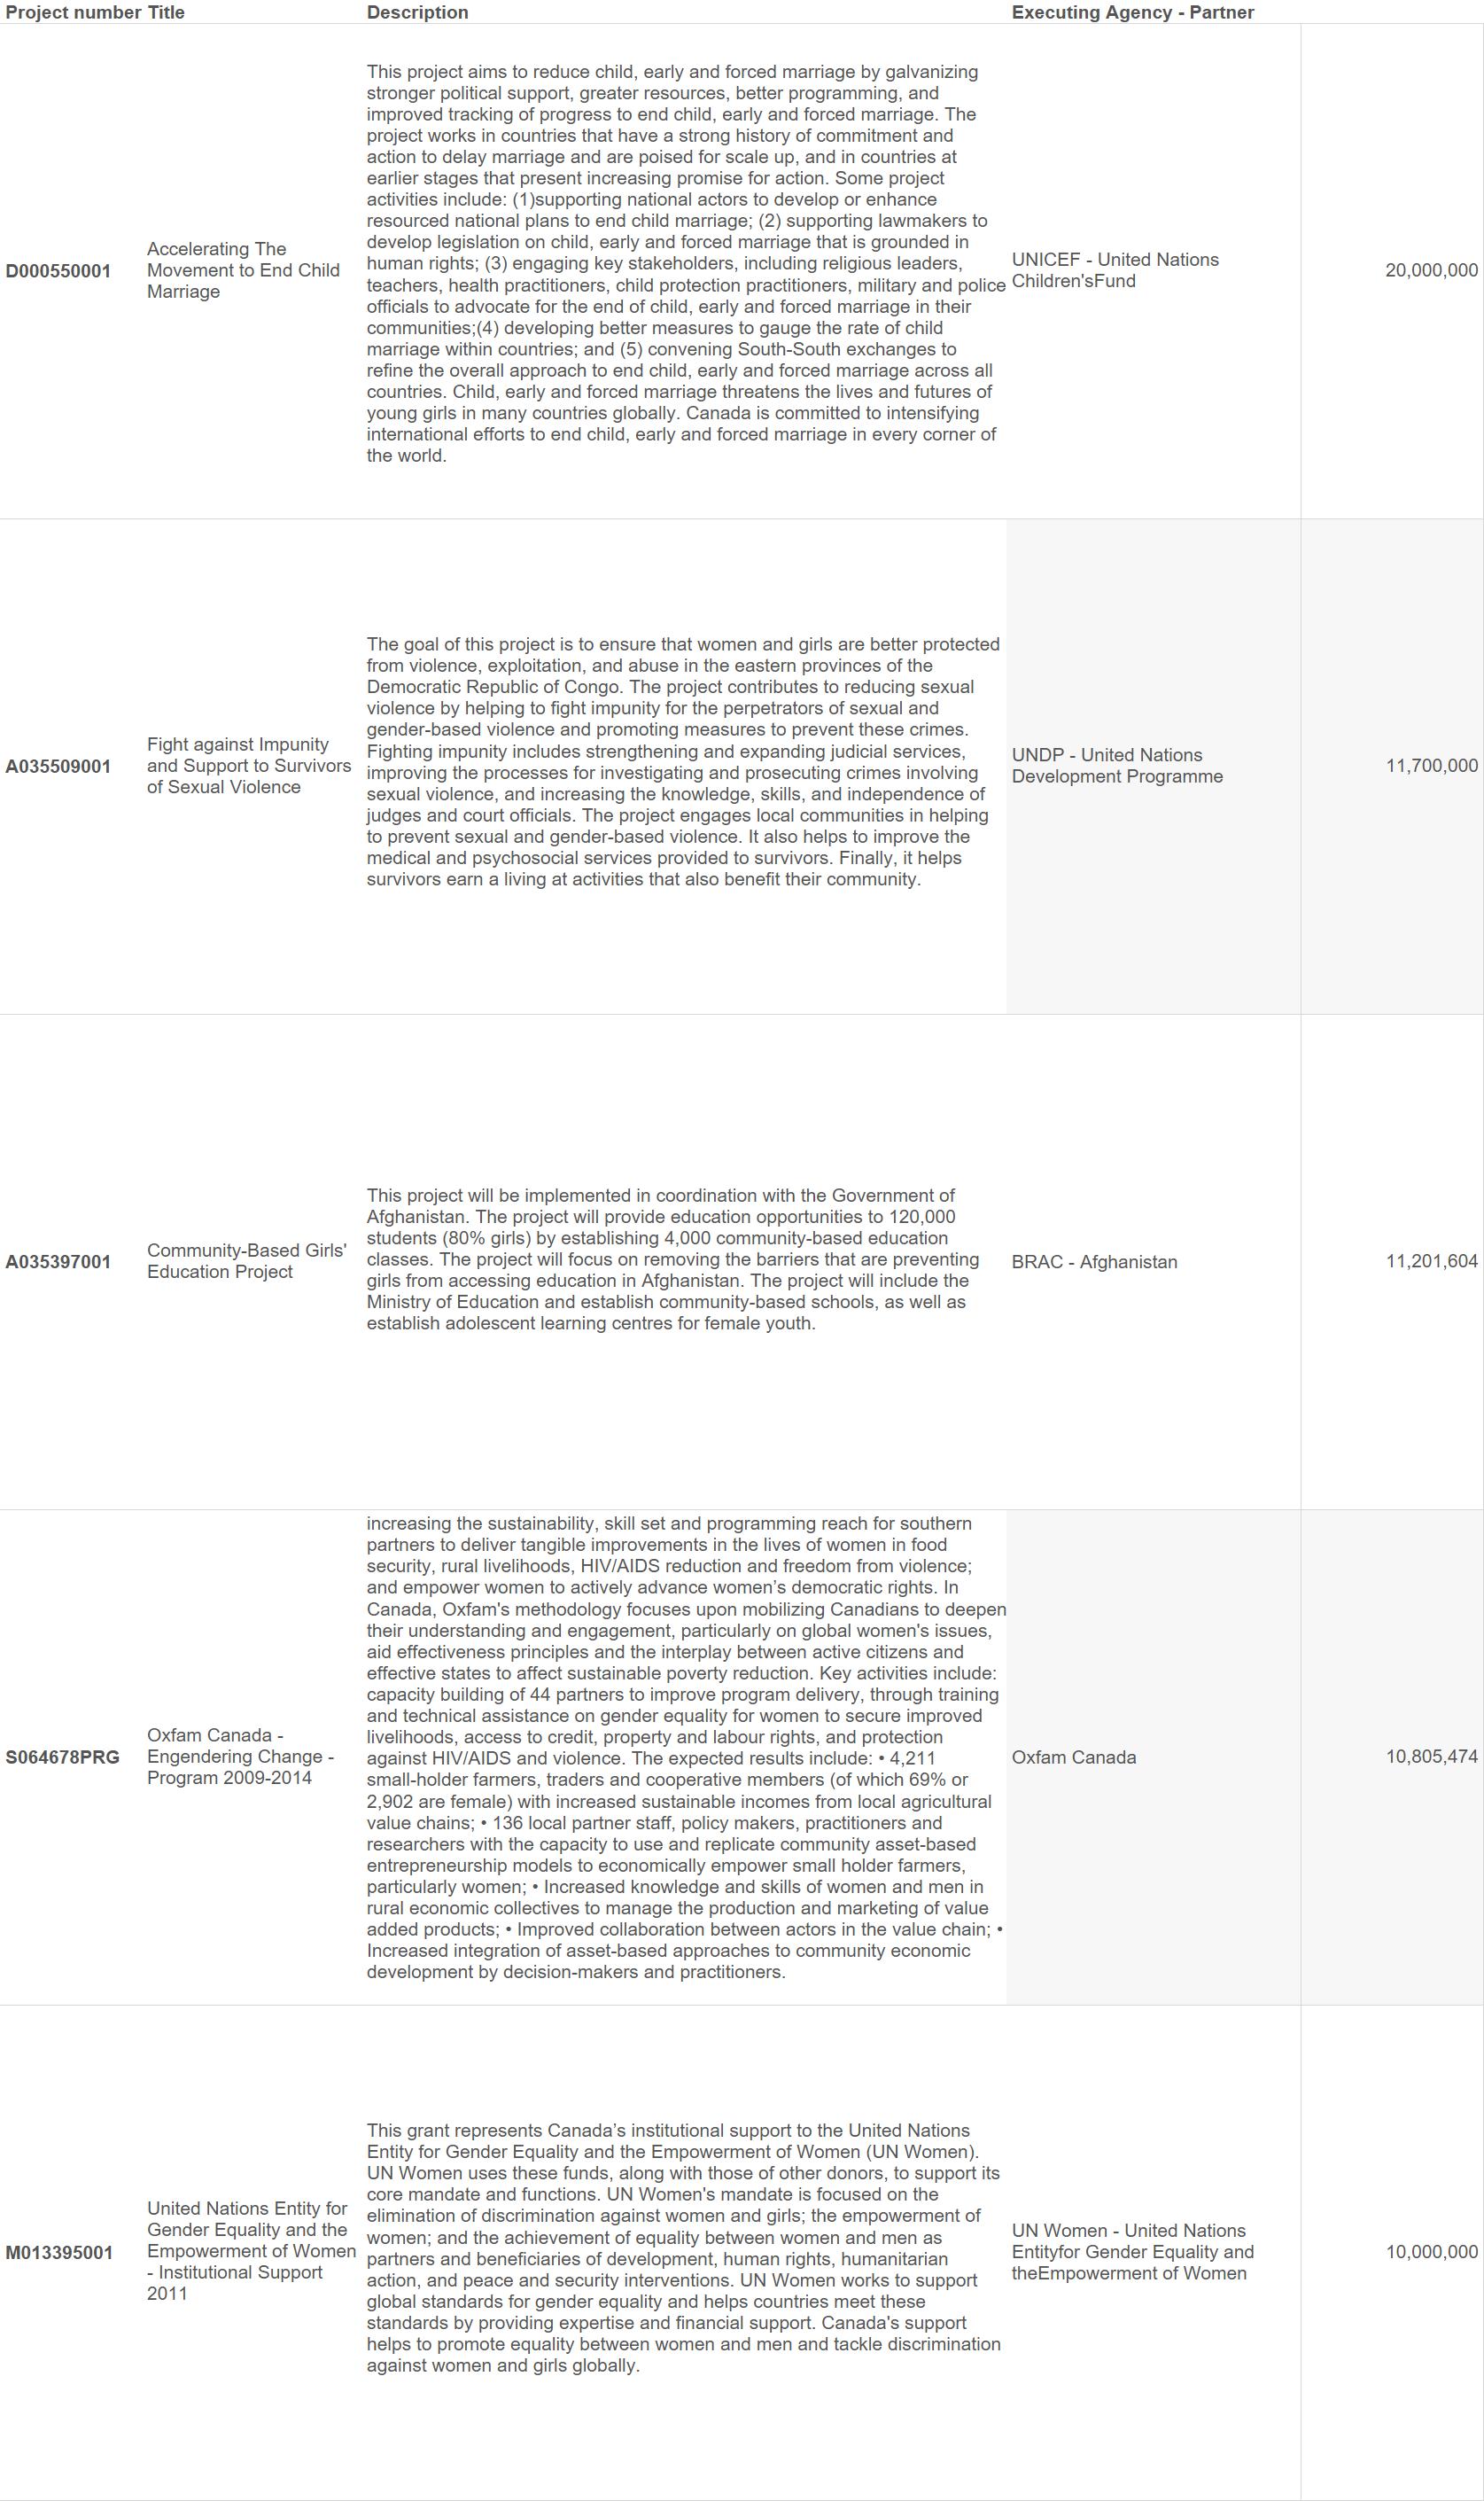 top5 projects descrip